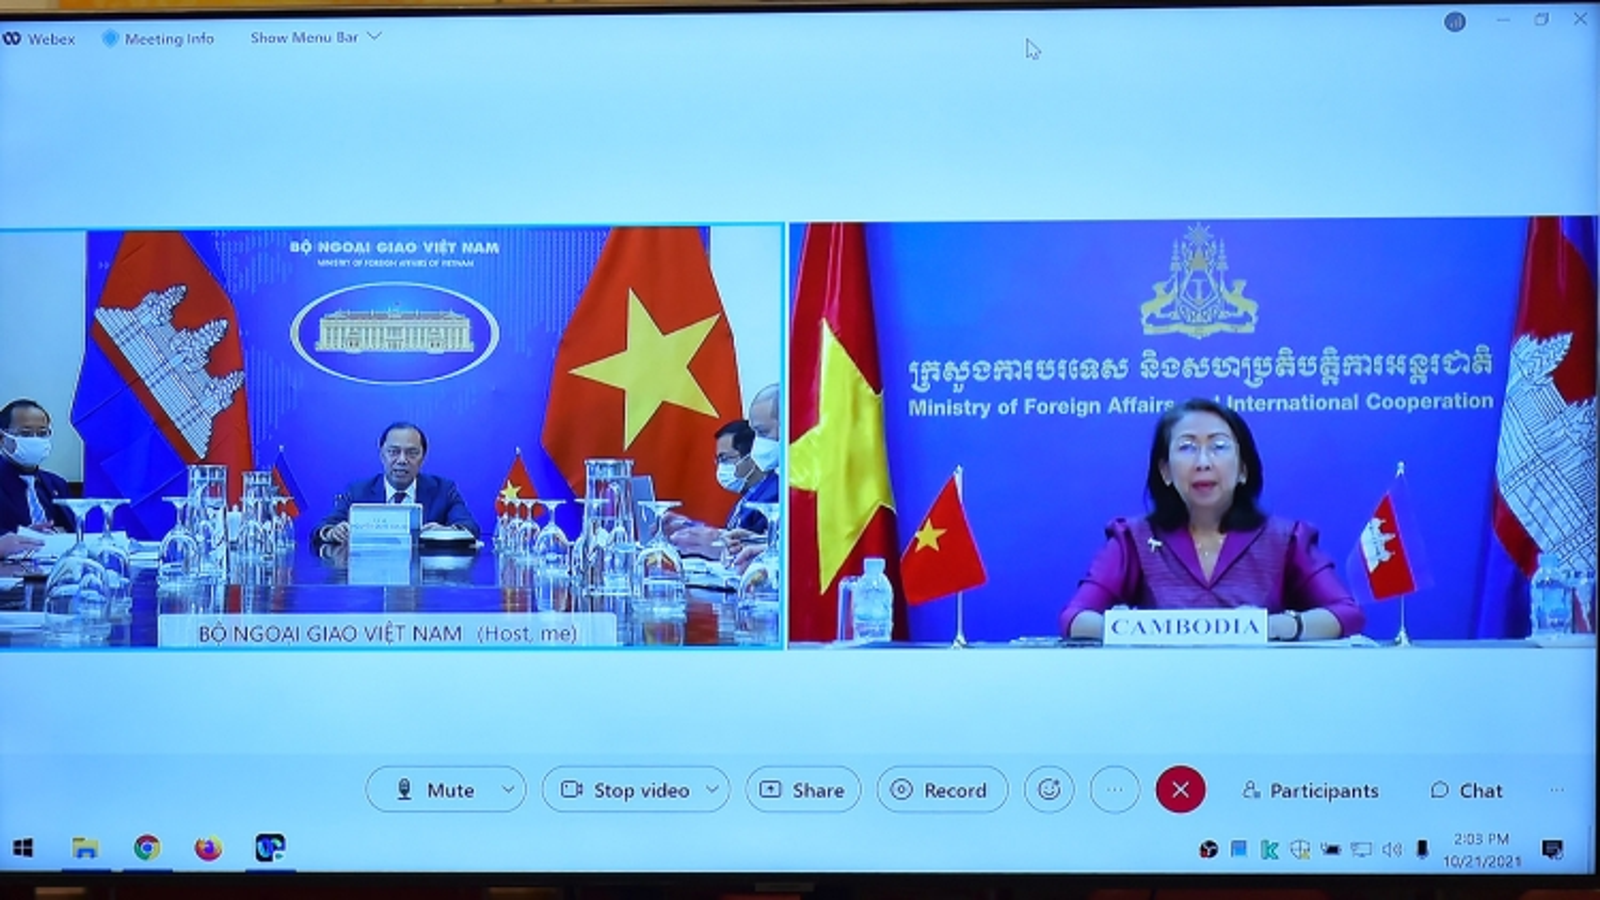 Tham khảo chính trị lần thứ 7 giữa hai Bộ Ngoại giao Việt Nam và Campuchia